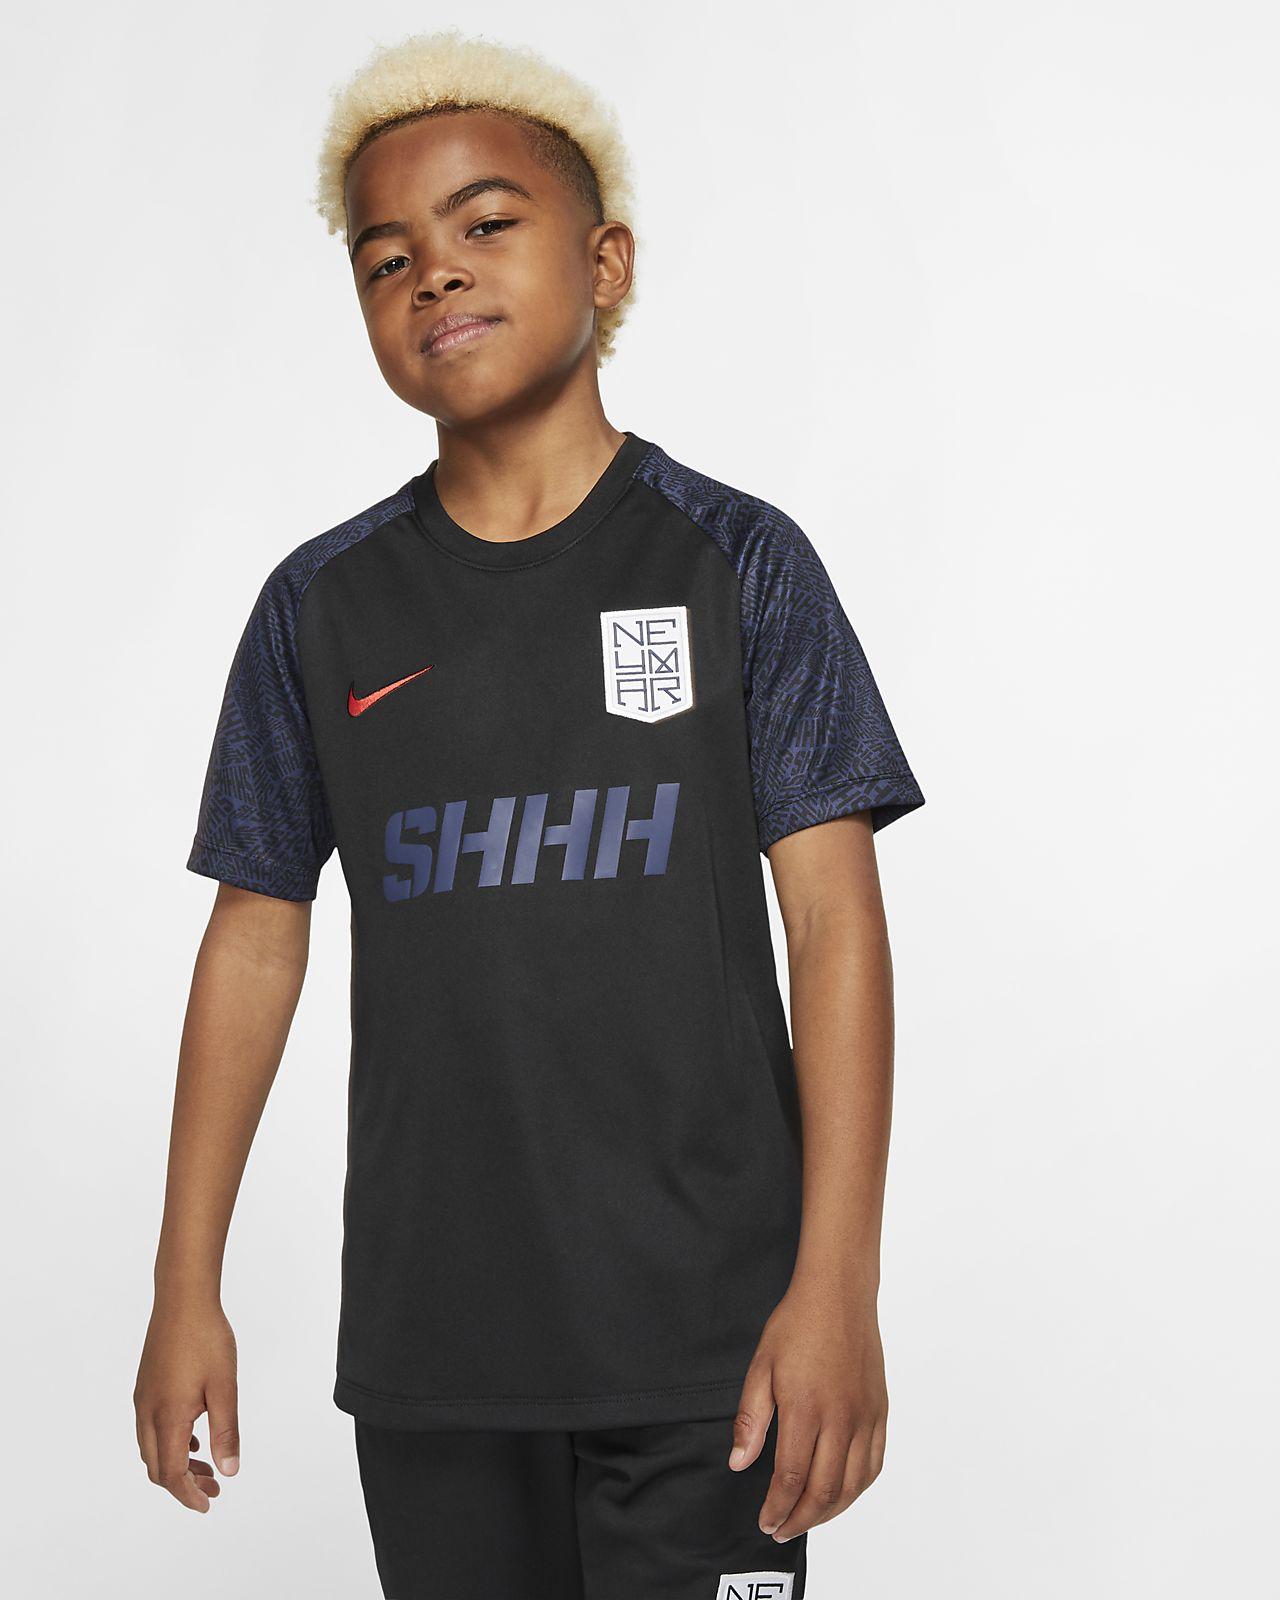 ナイキ Dri-FIT ネイマール ジュニア ショートスリーブ サッカートップ